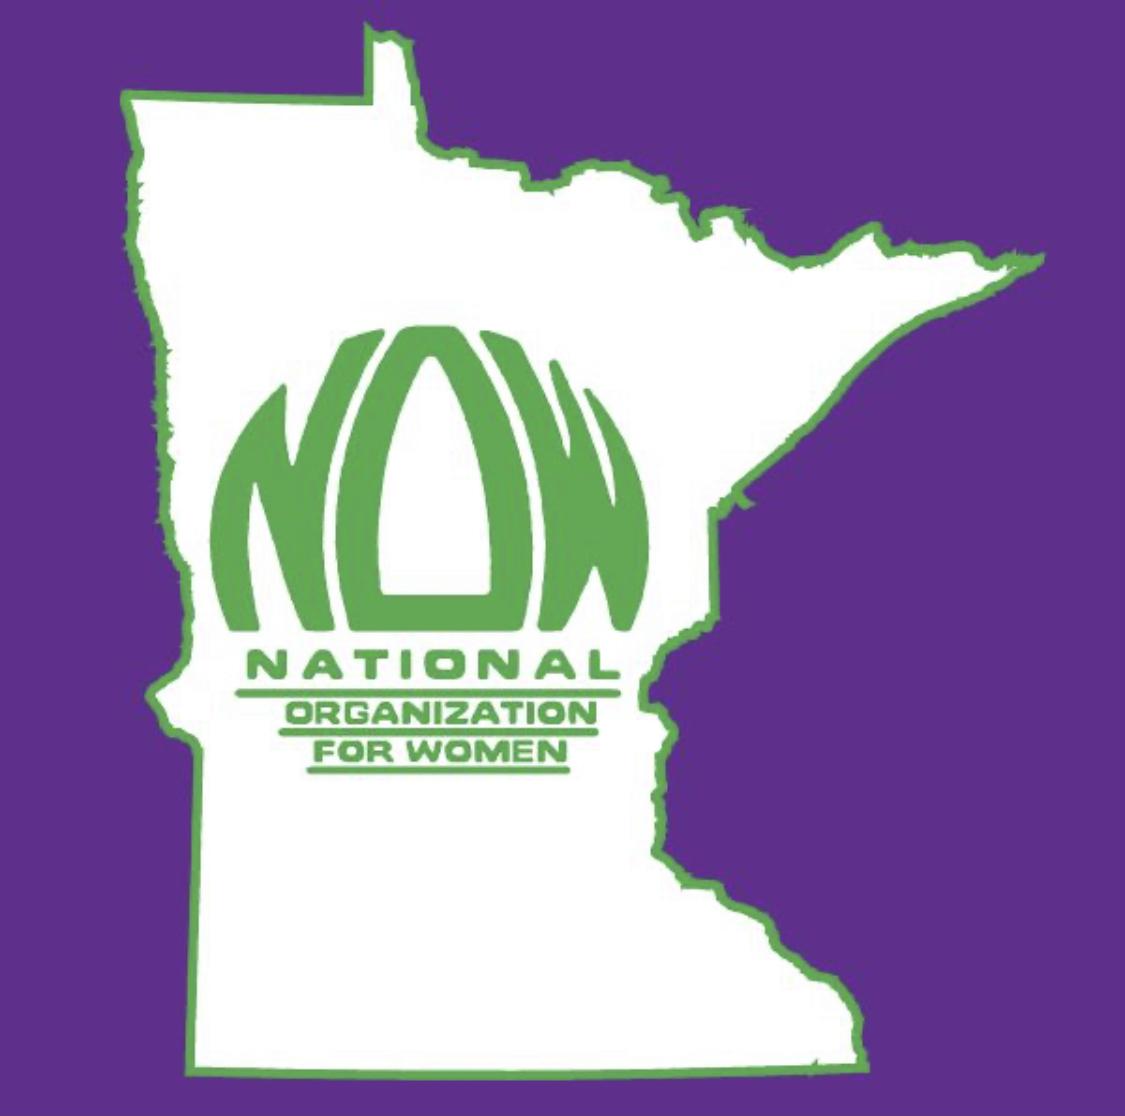 Logo_MN_NOW_PAC.plist.jpeg